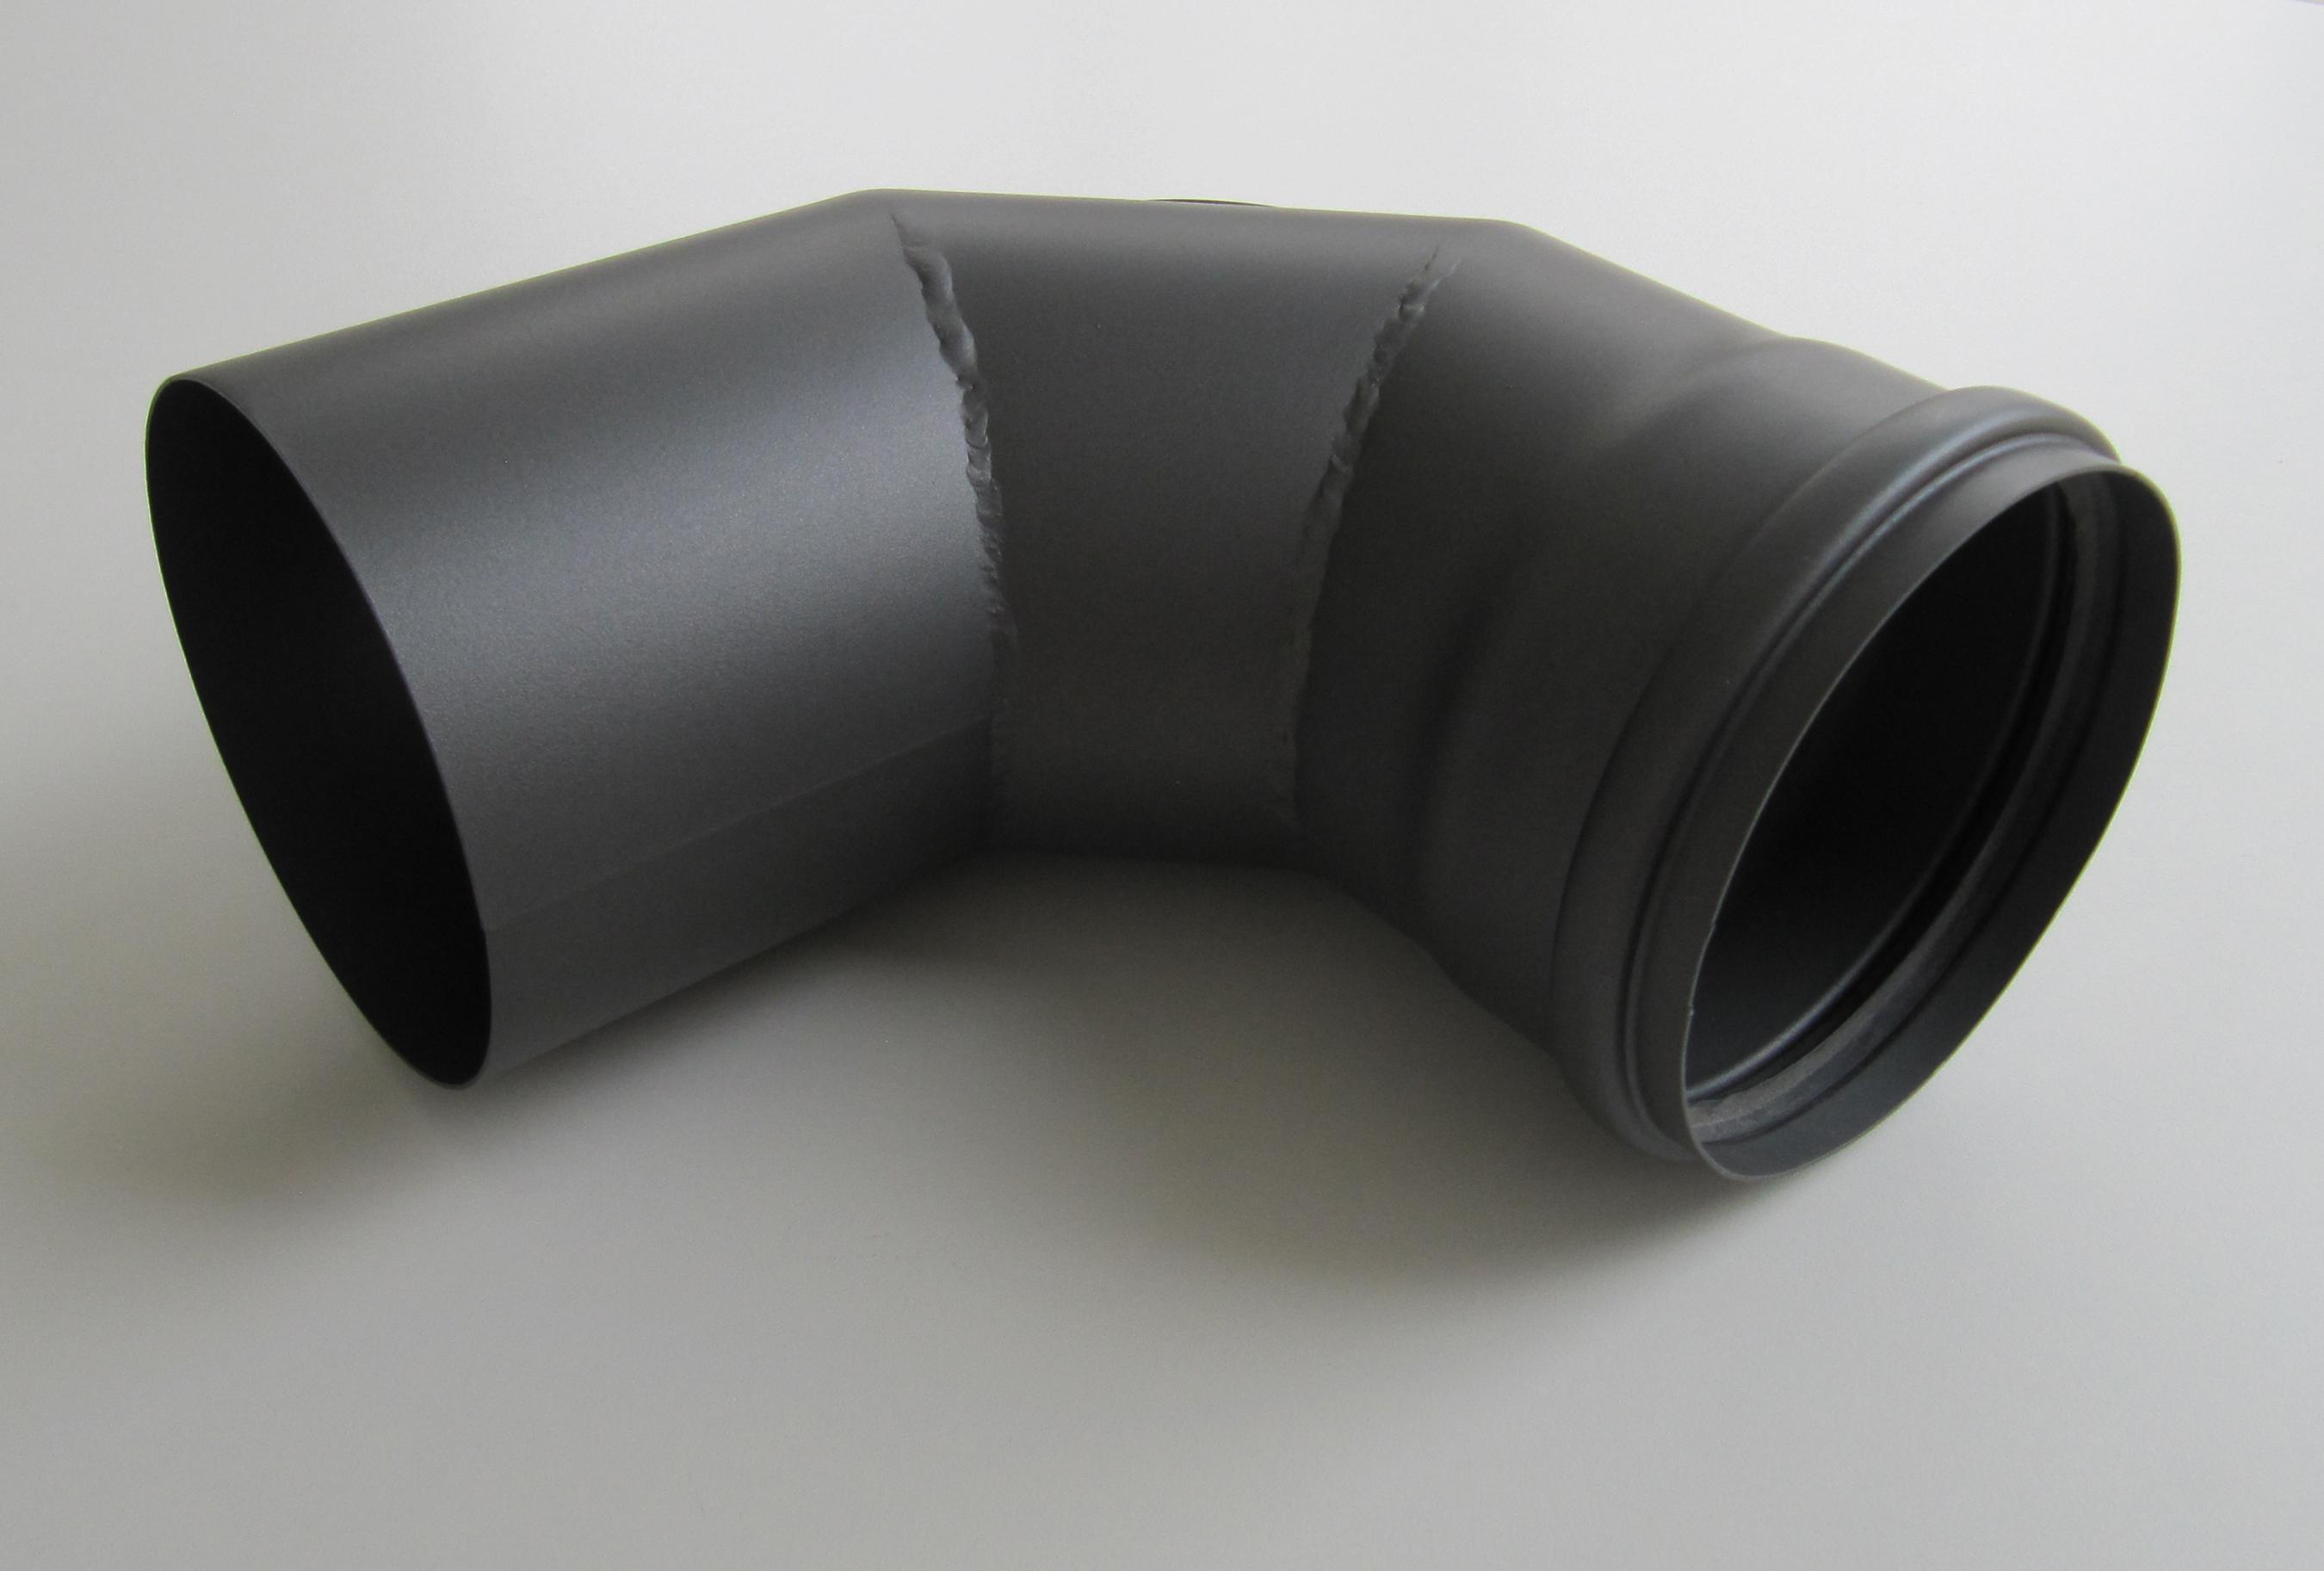 Bogenknie 90° für Pelletofen Senotherm 0,8mm grau Ø100mm mit Tür Bild 3